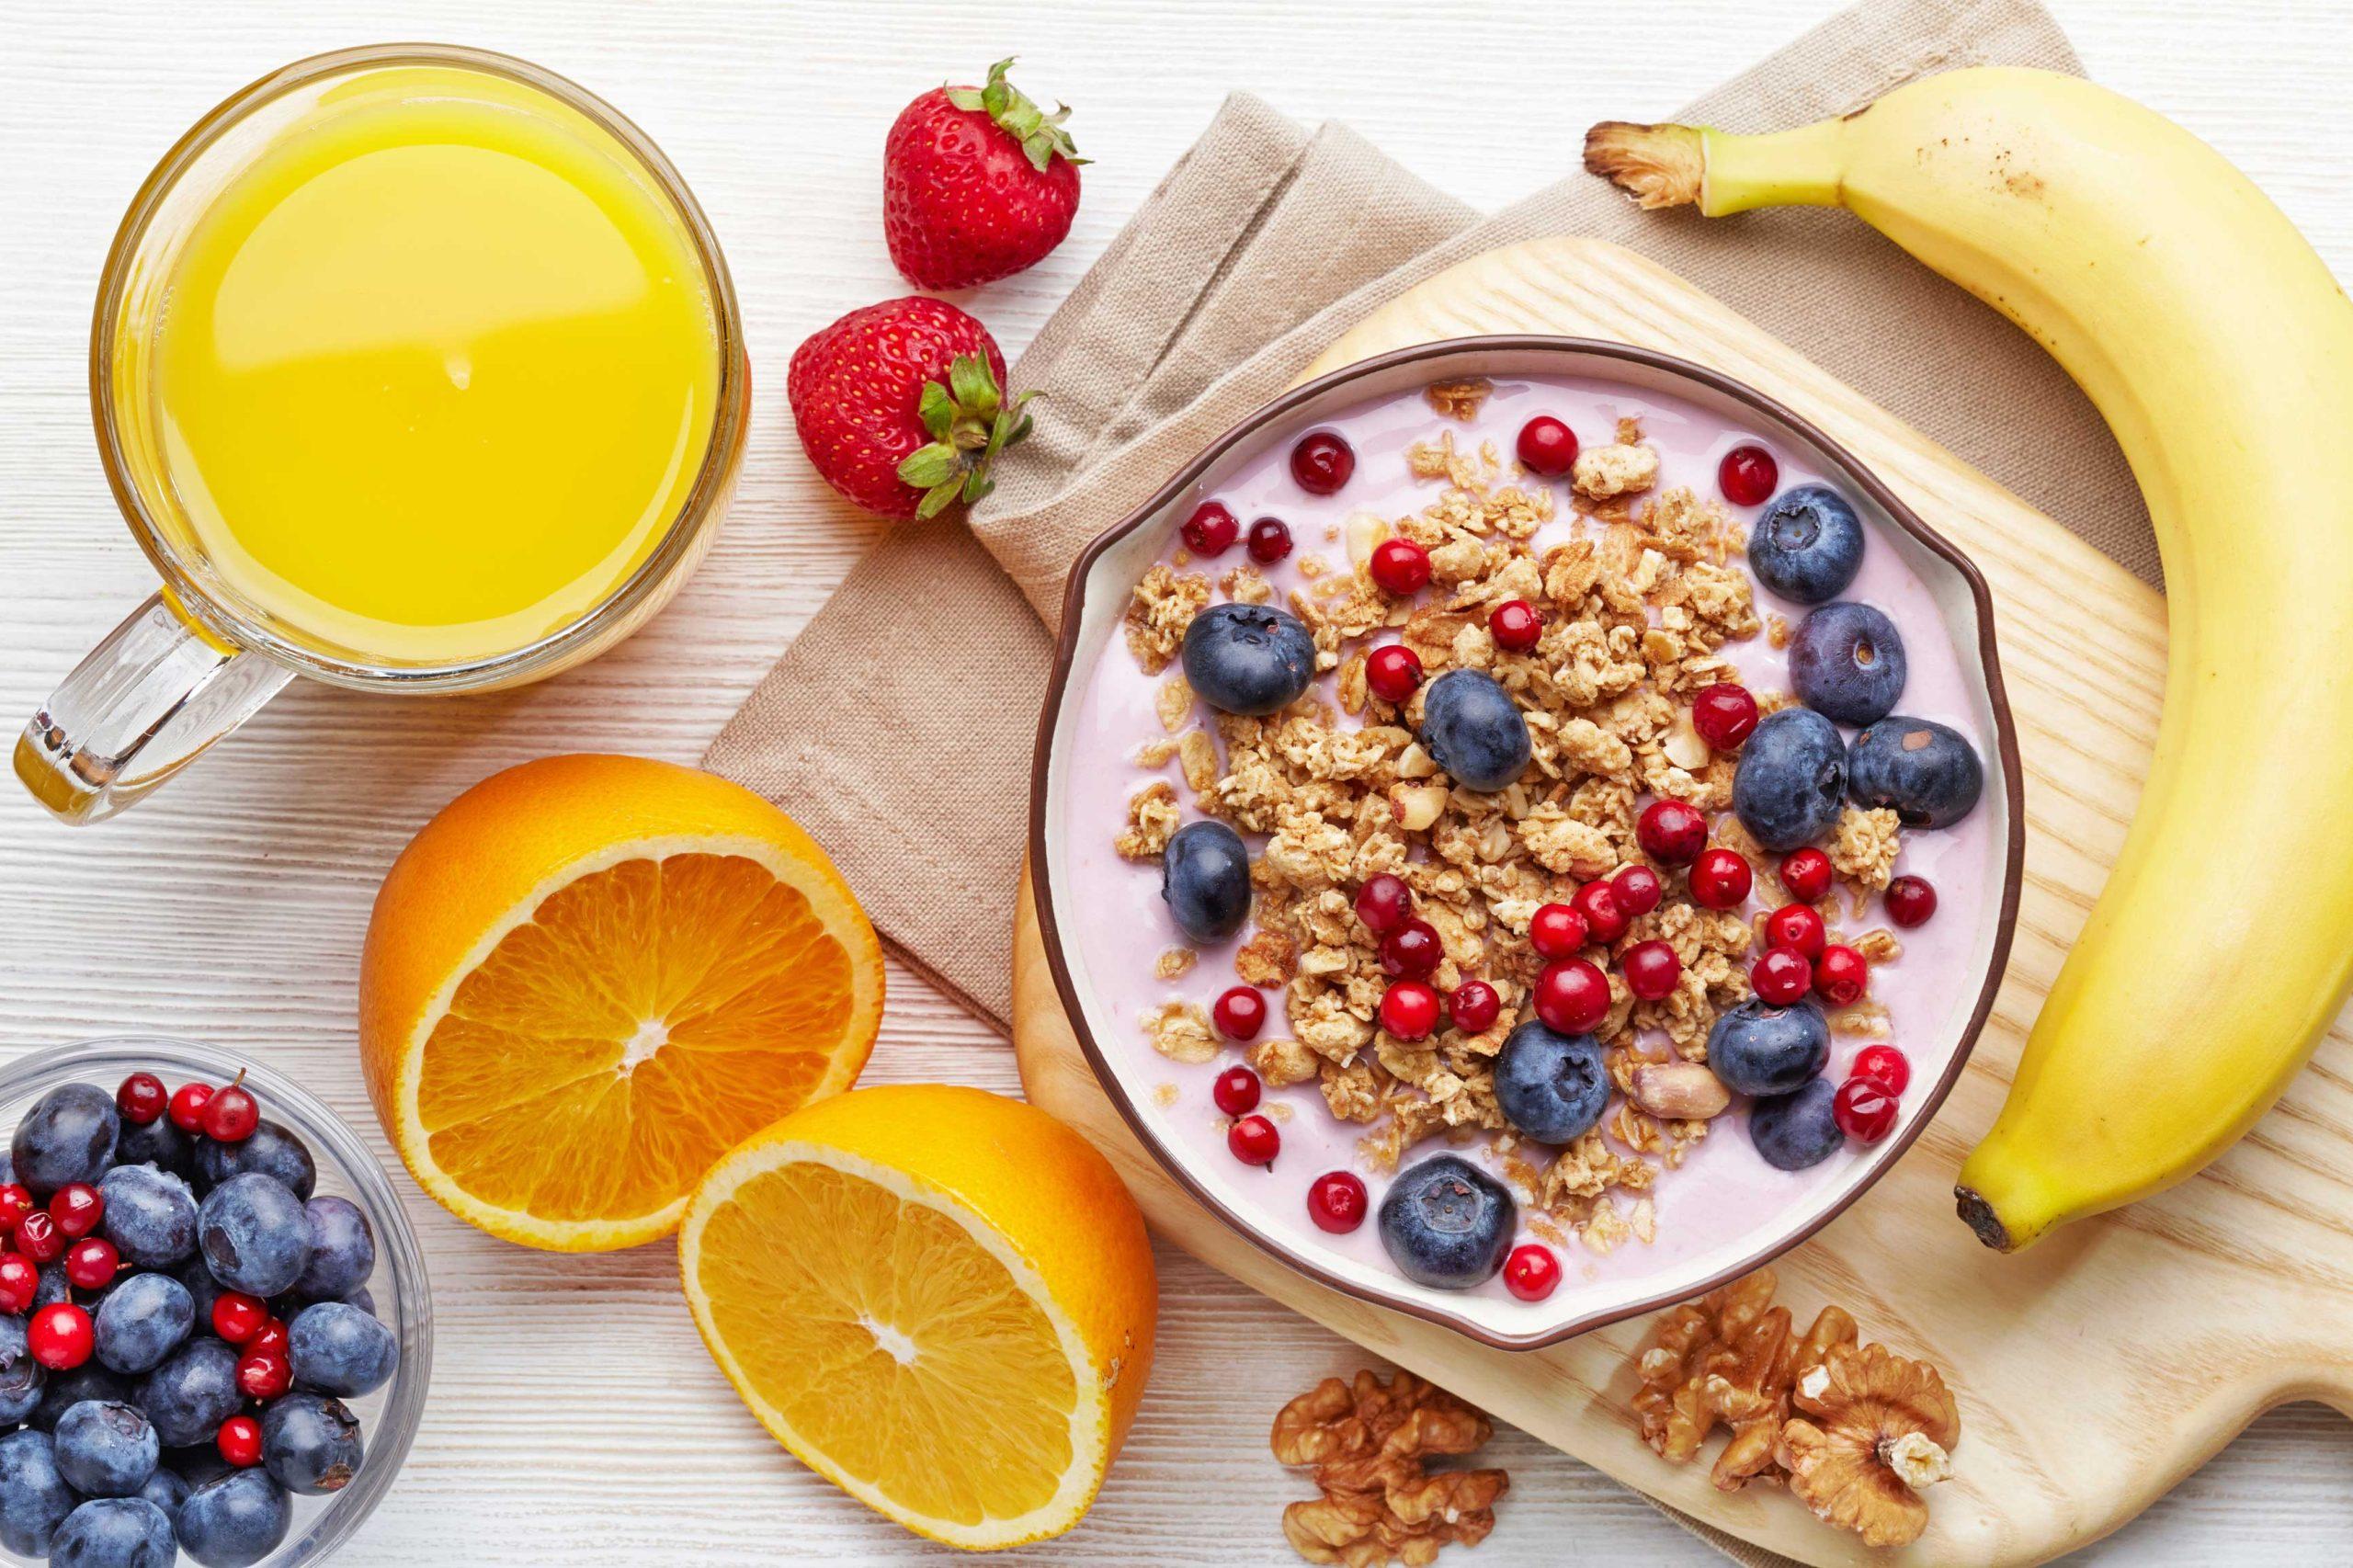 Café da manhã: Como ele ajuda no controle do peso?